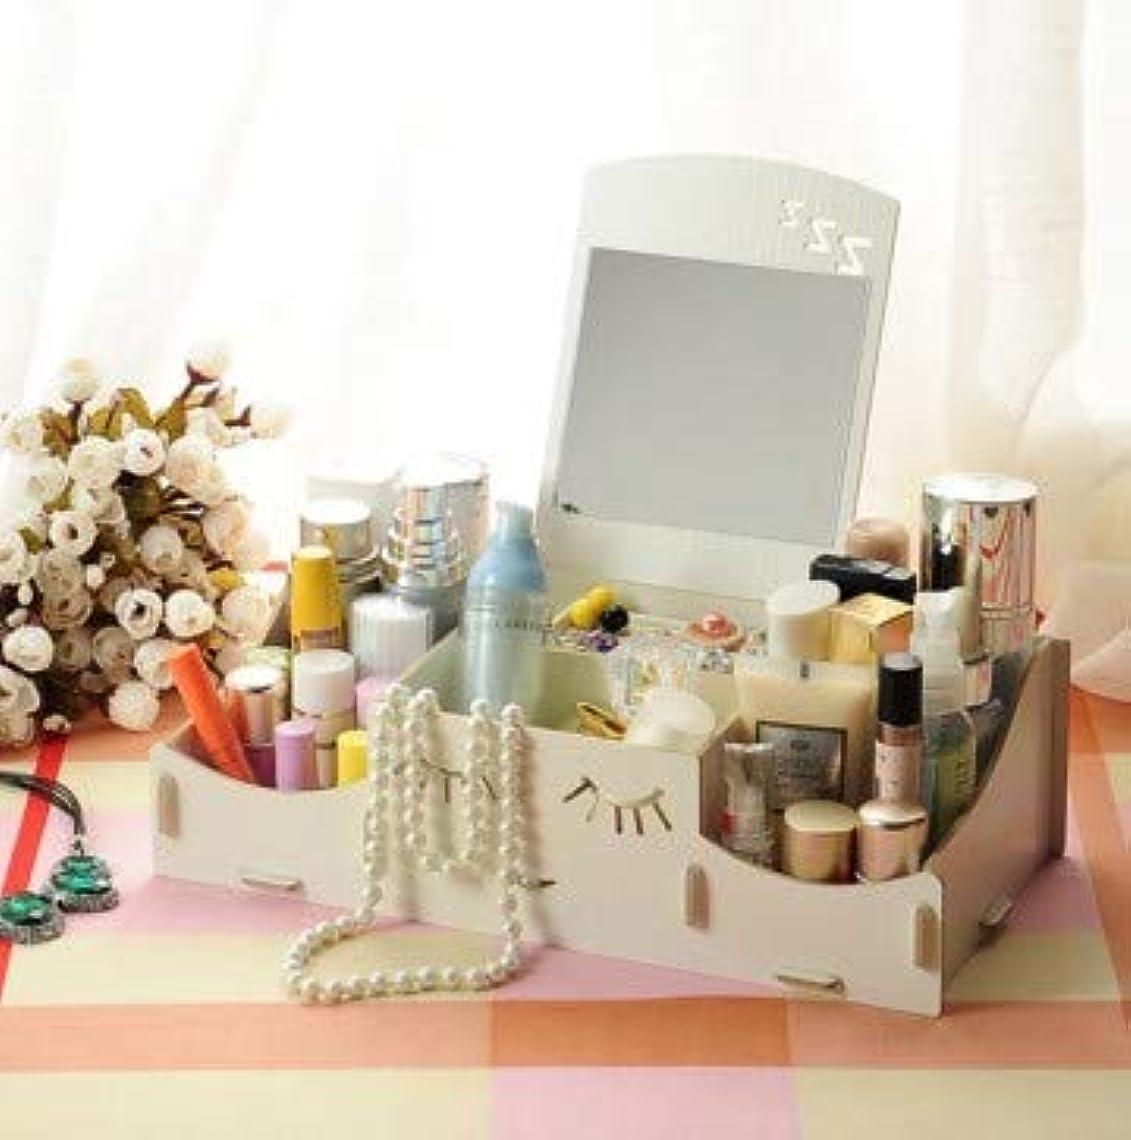 浸漬力学段落スマイリー木製クリエイティブ収納ボックス手作りデスクトップミラー化粧品収納ボックス化粧品収納ボックス (Color : ホワイト)